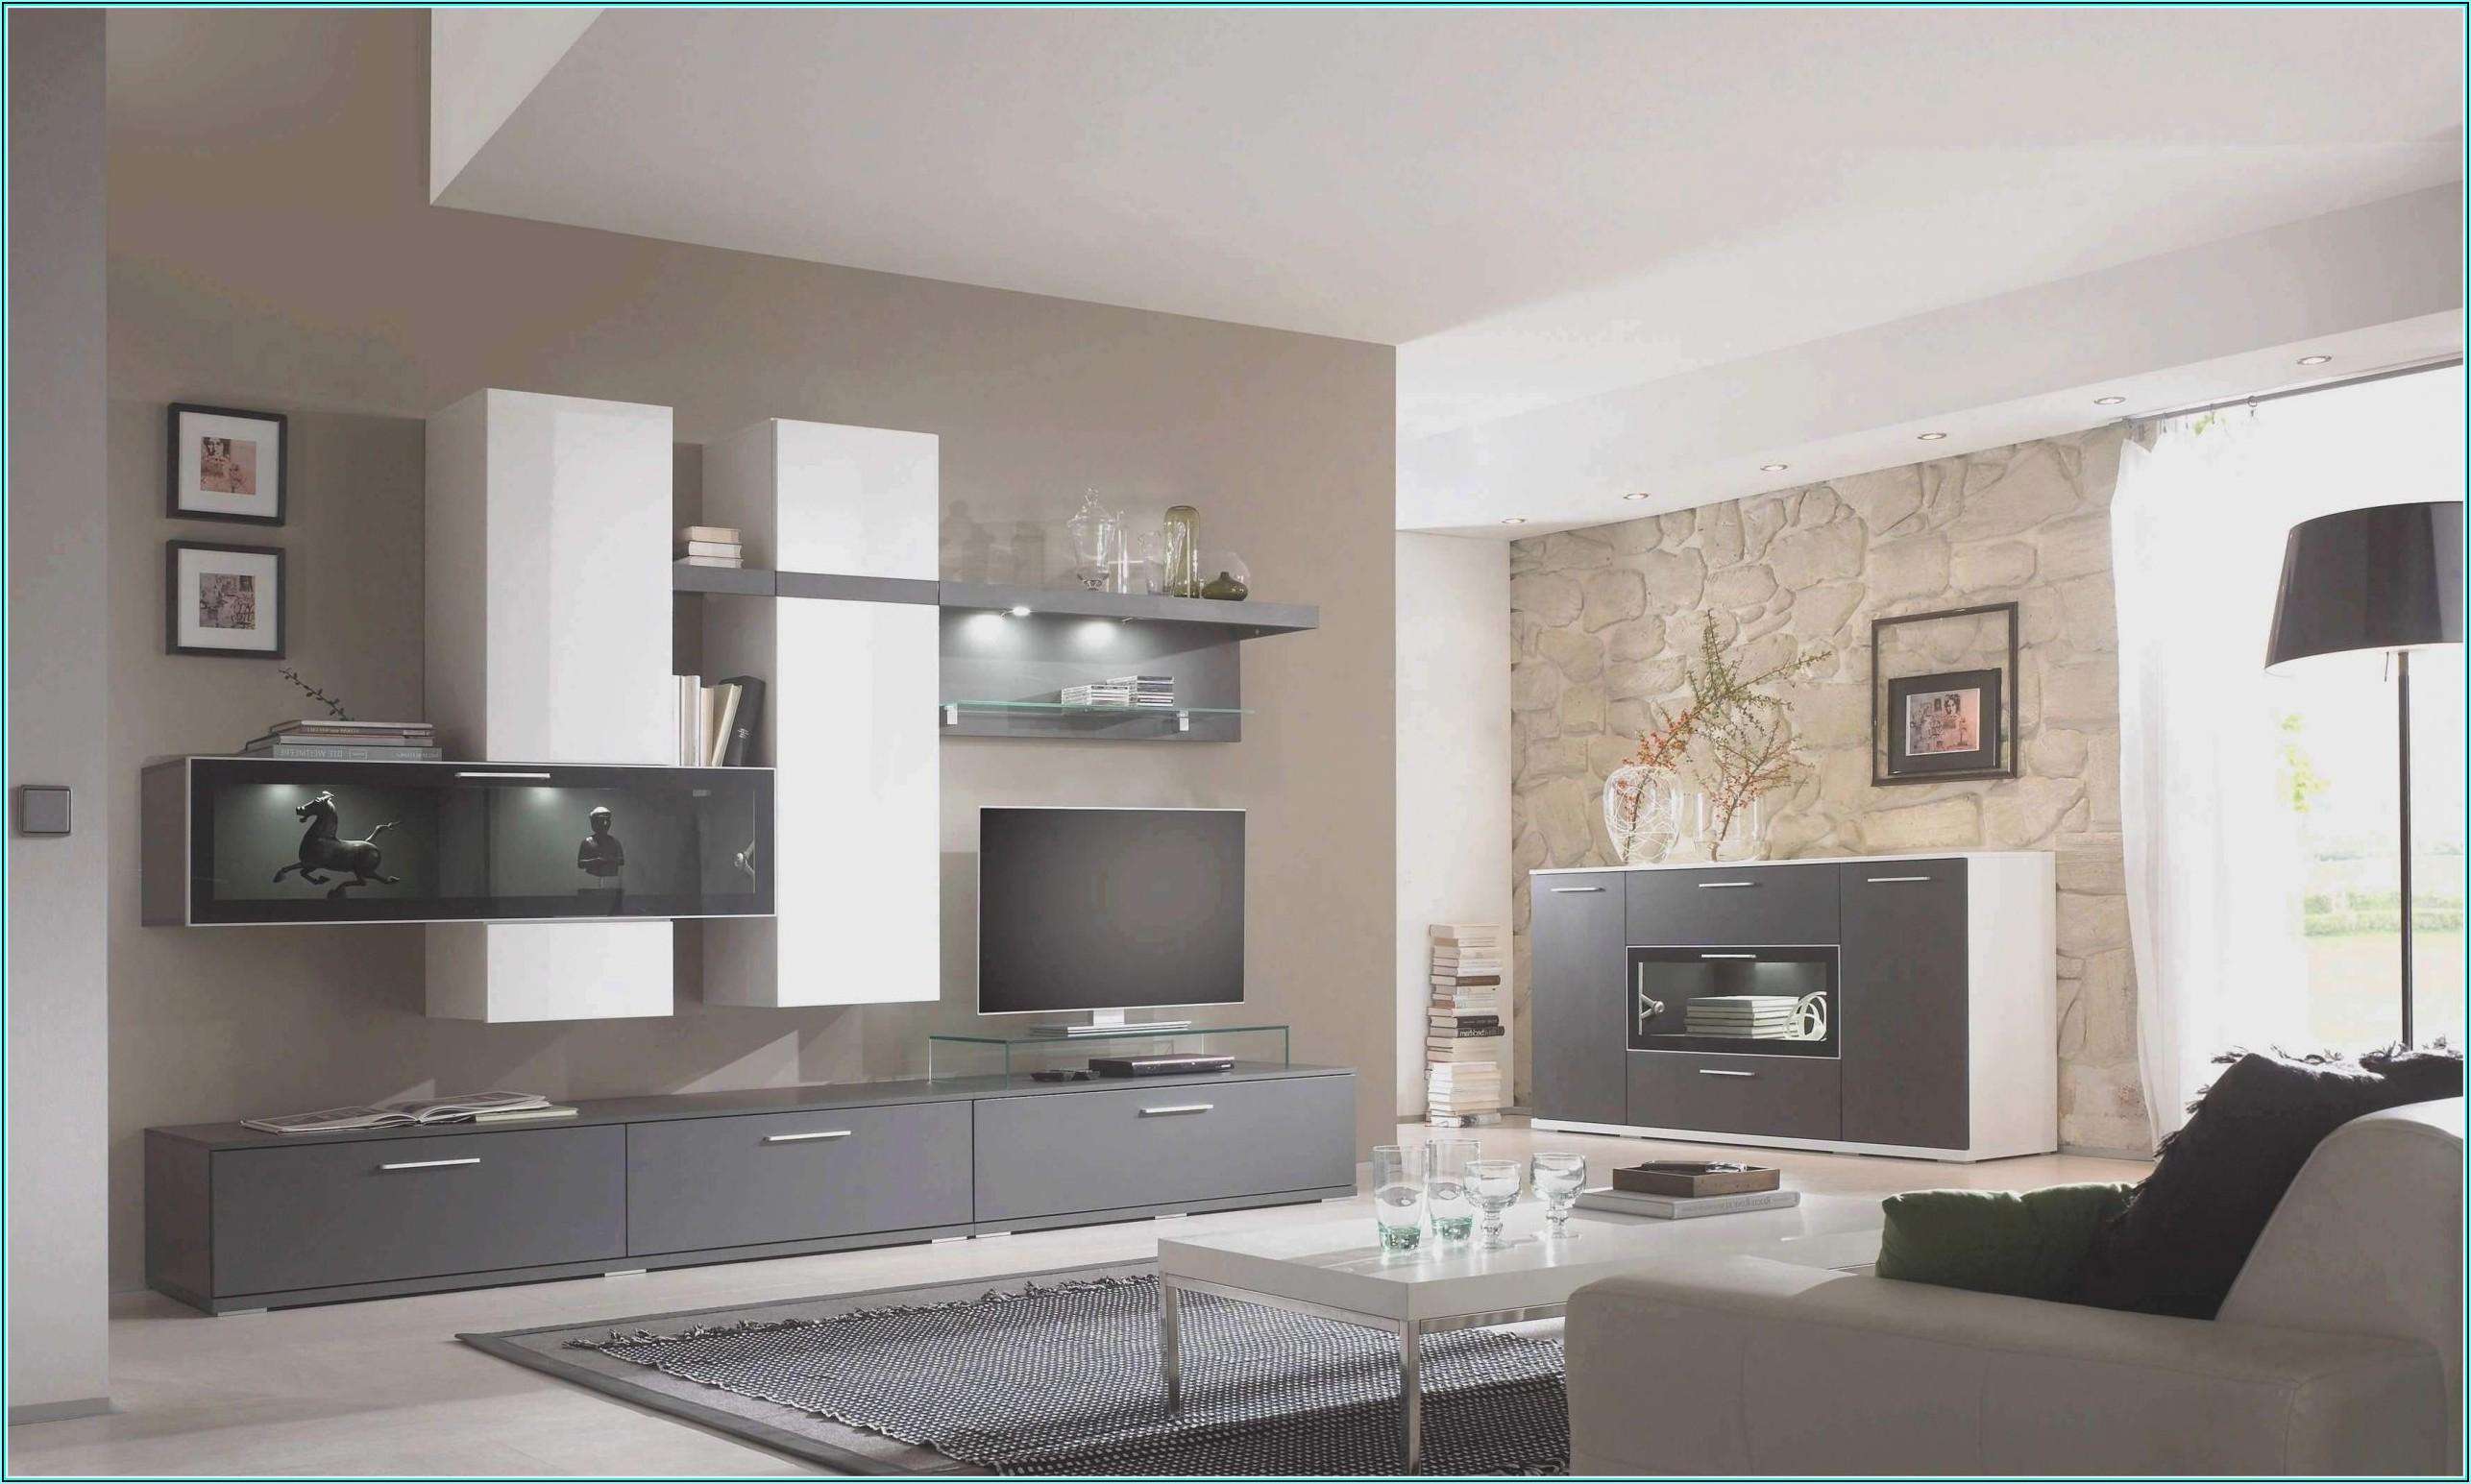 Wohnzimmer Landhausstil Bilder